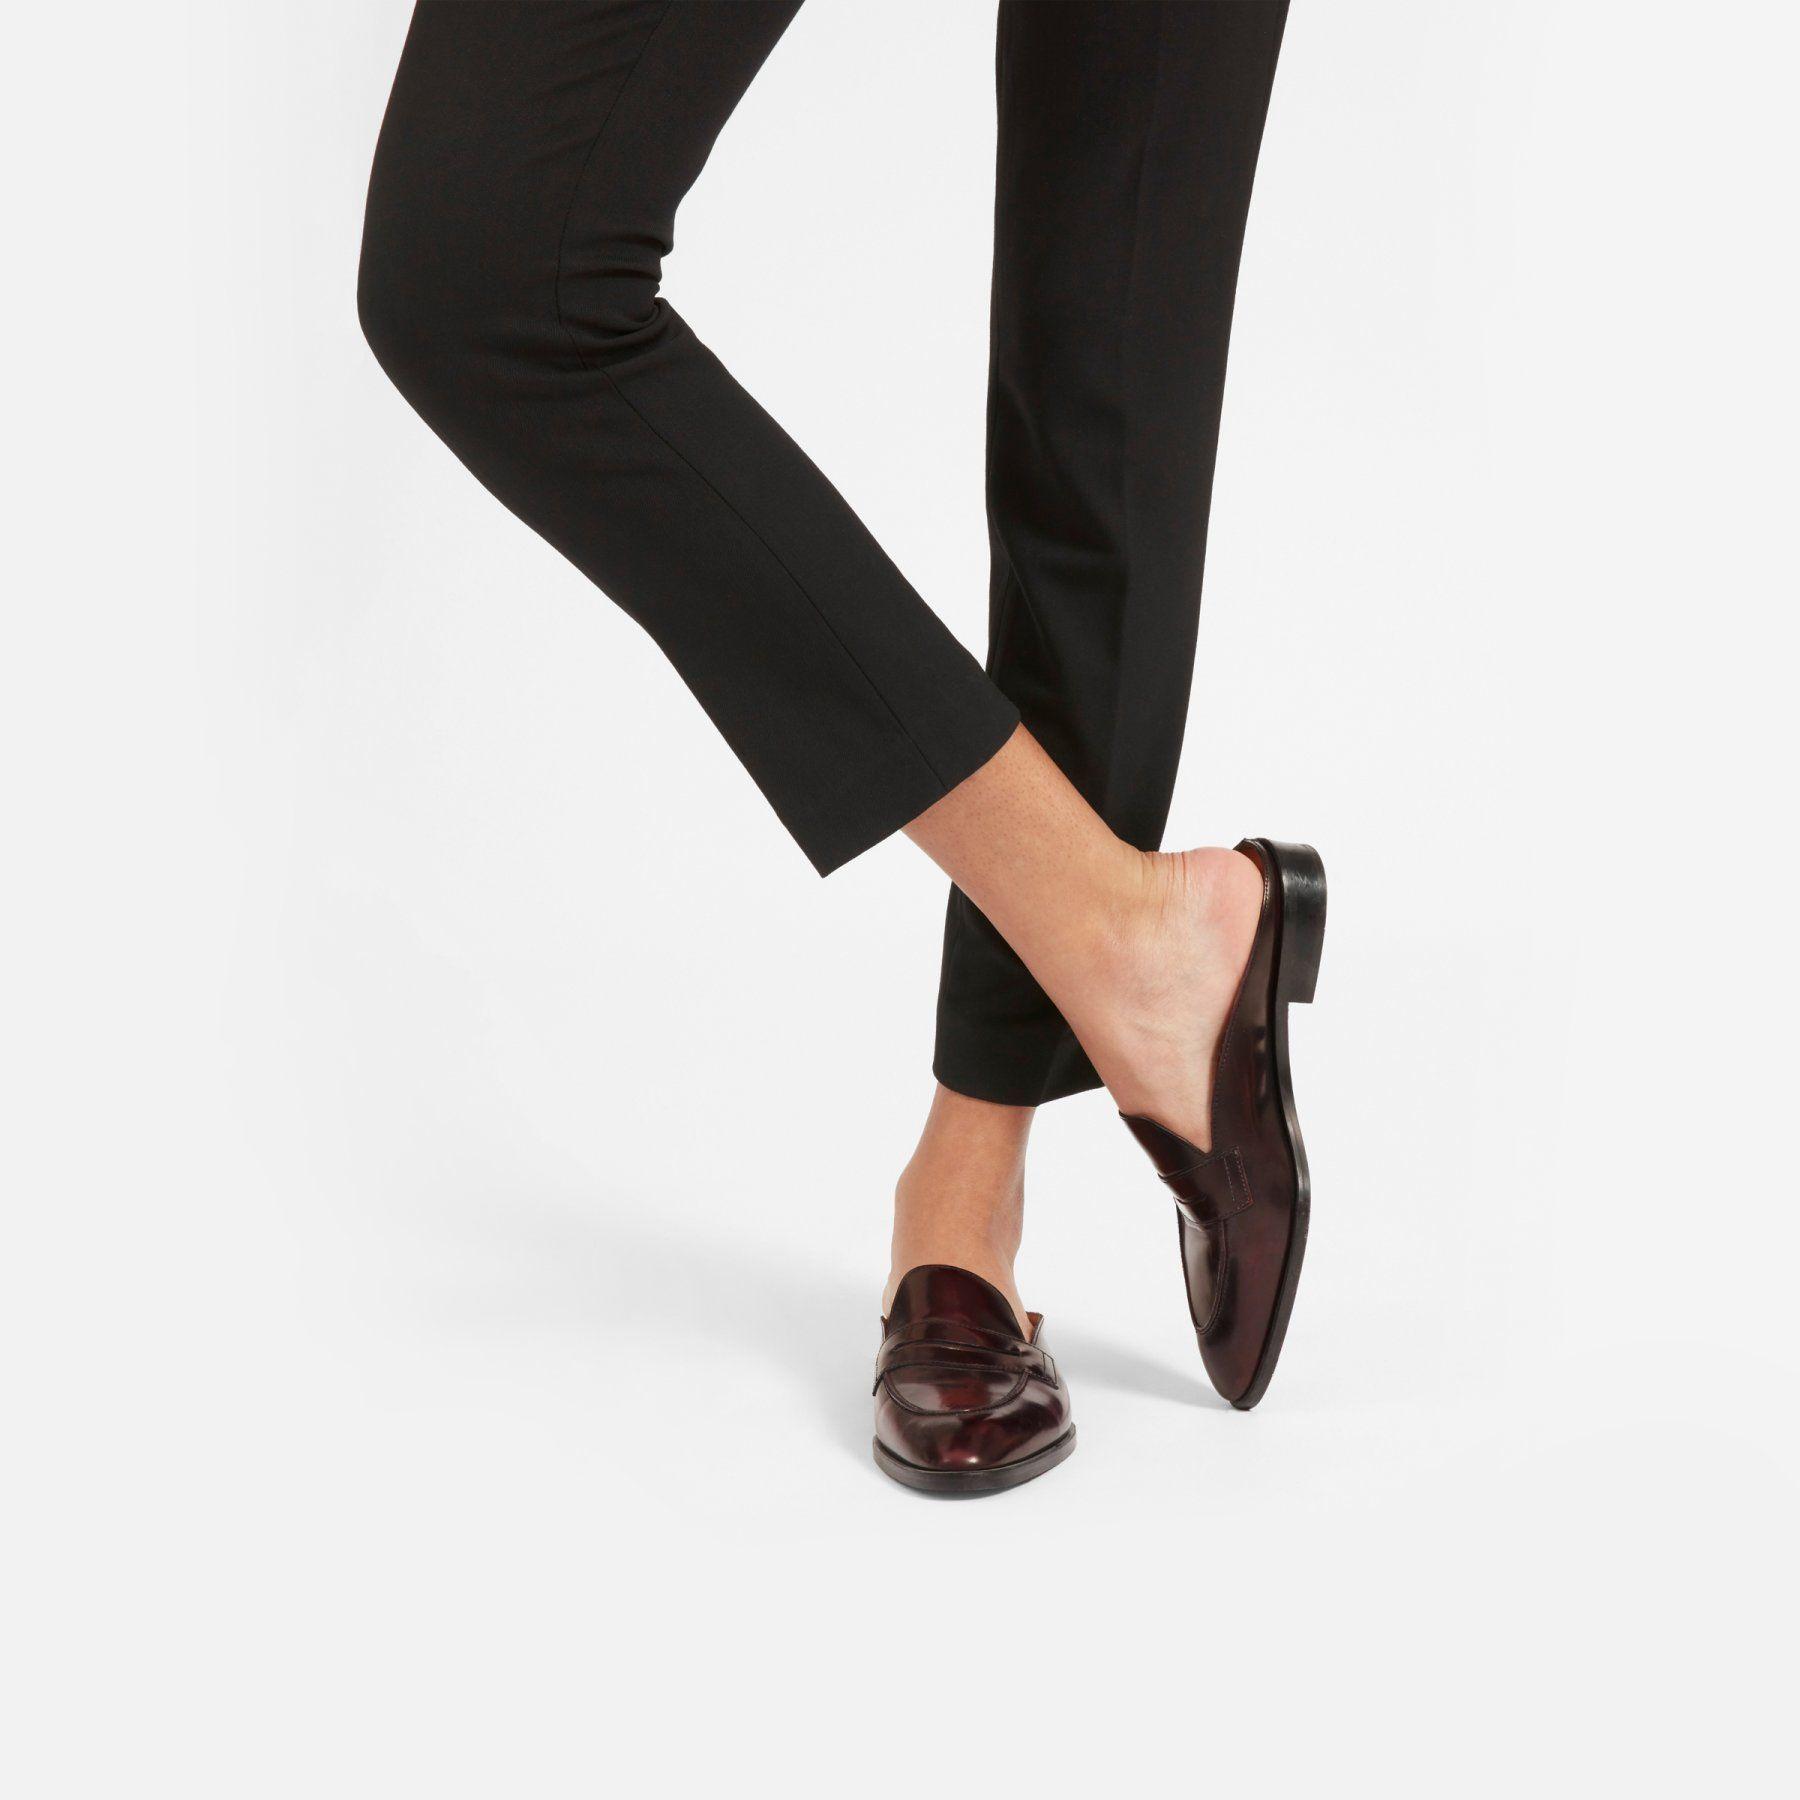 e52d8a2fedf Women s Modern Penny Loafer Mule